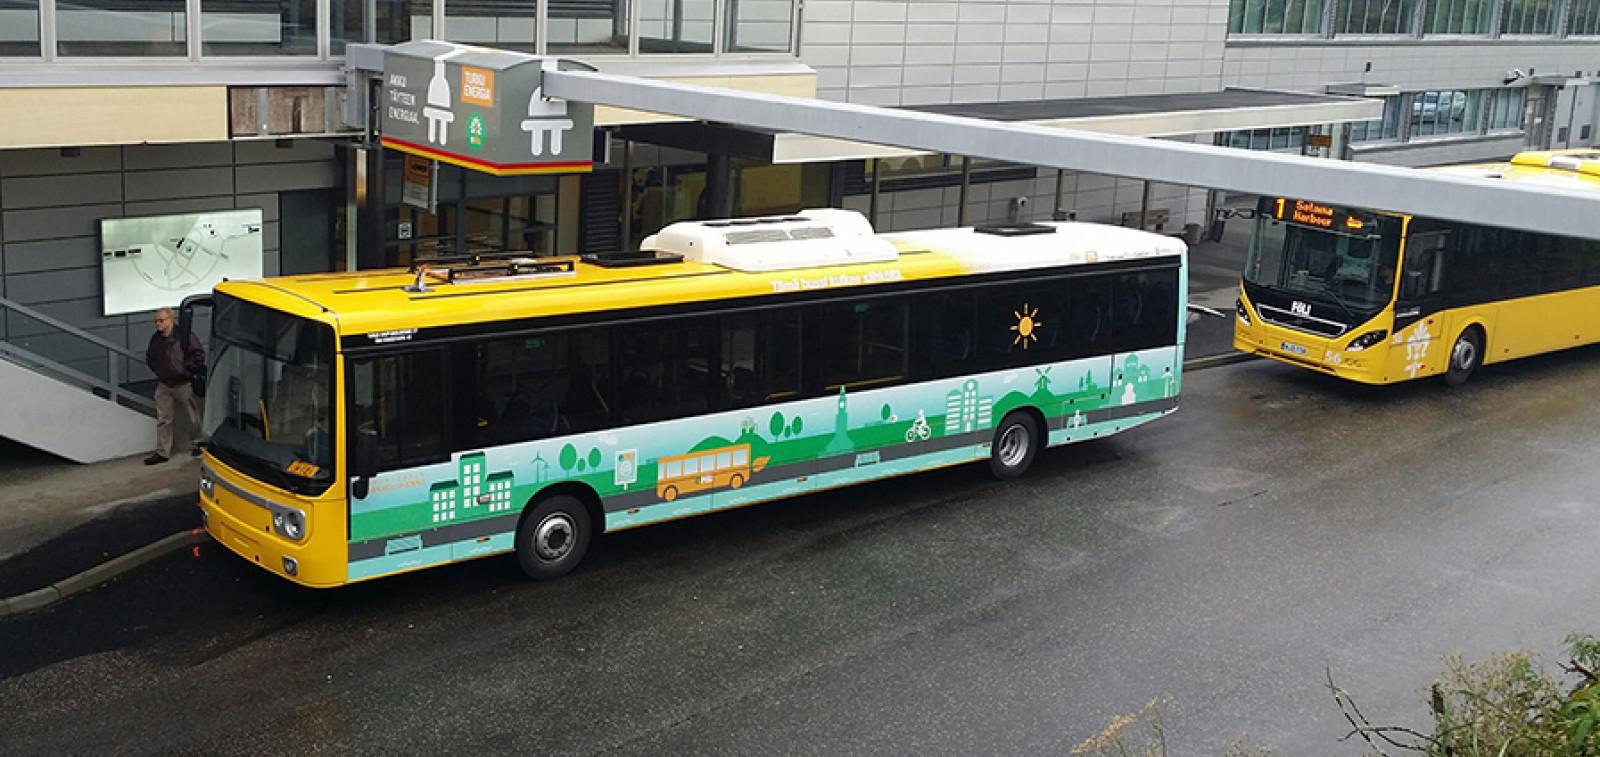 Turun ensimmäinen sähköbussi